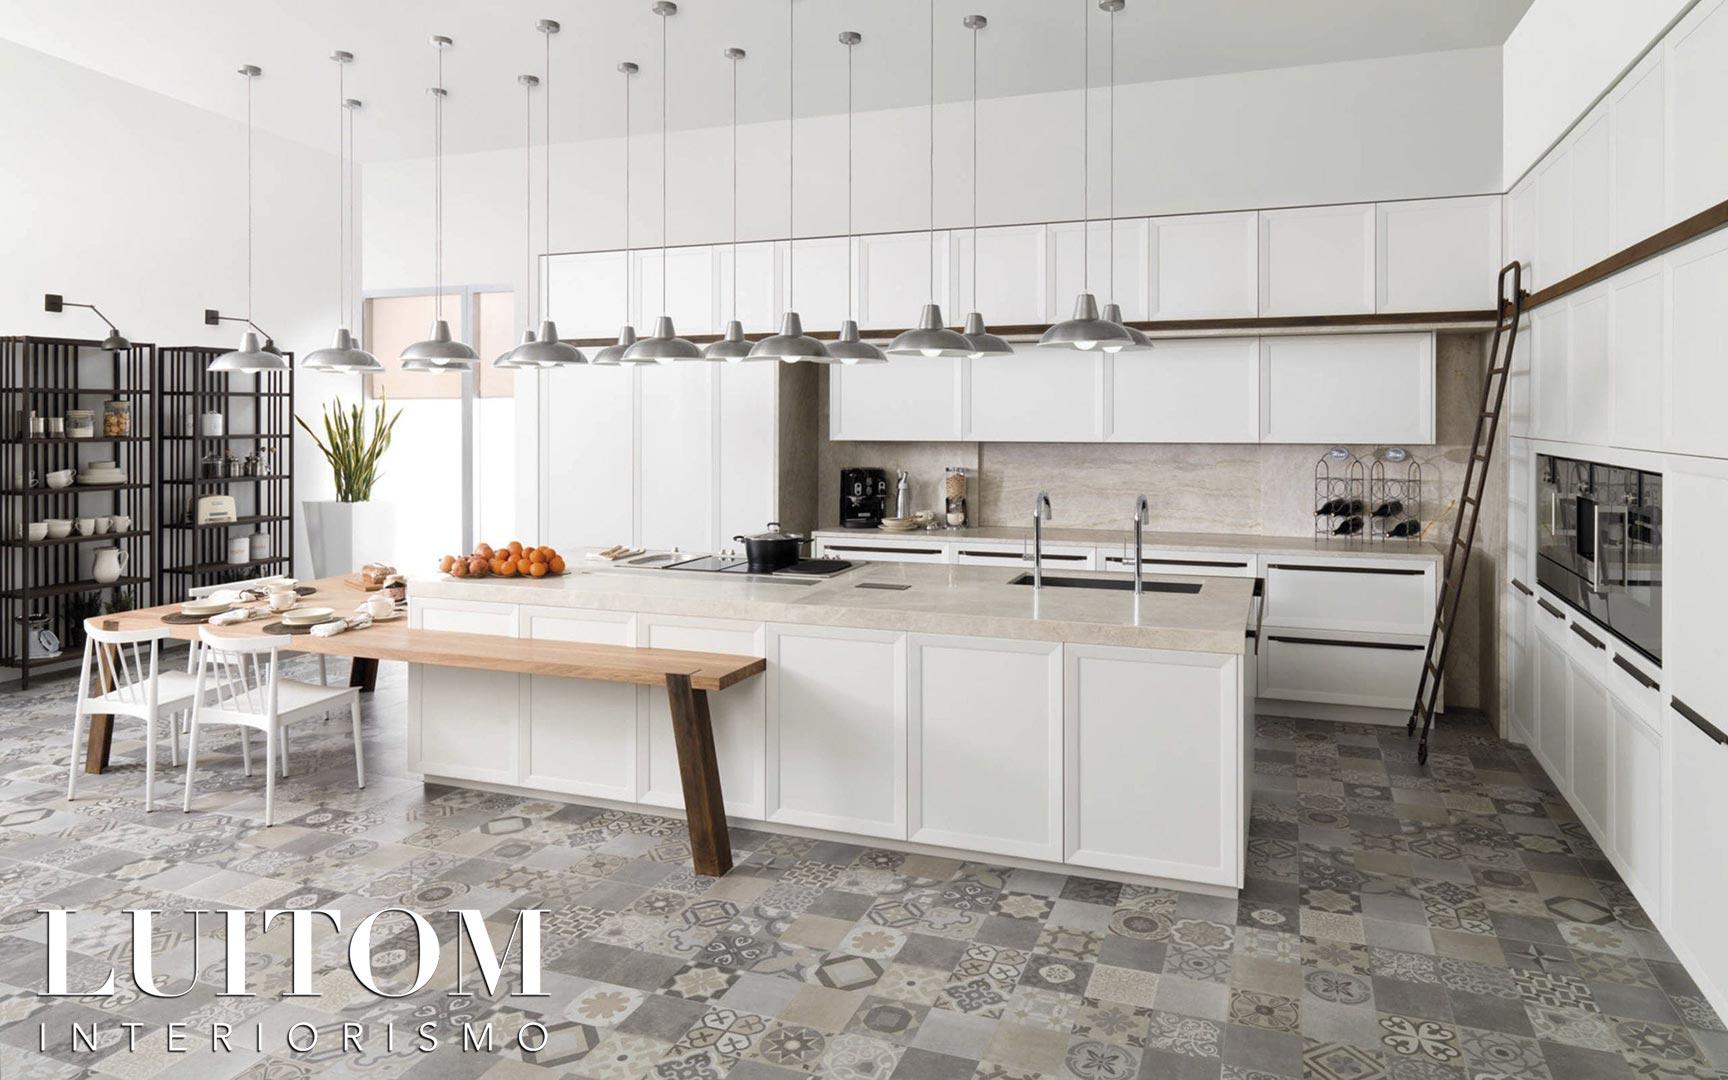 mobiliario-cocina-lacado-blanco-cocinas-exclusivas-de-lujo-en-madrid